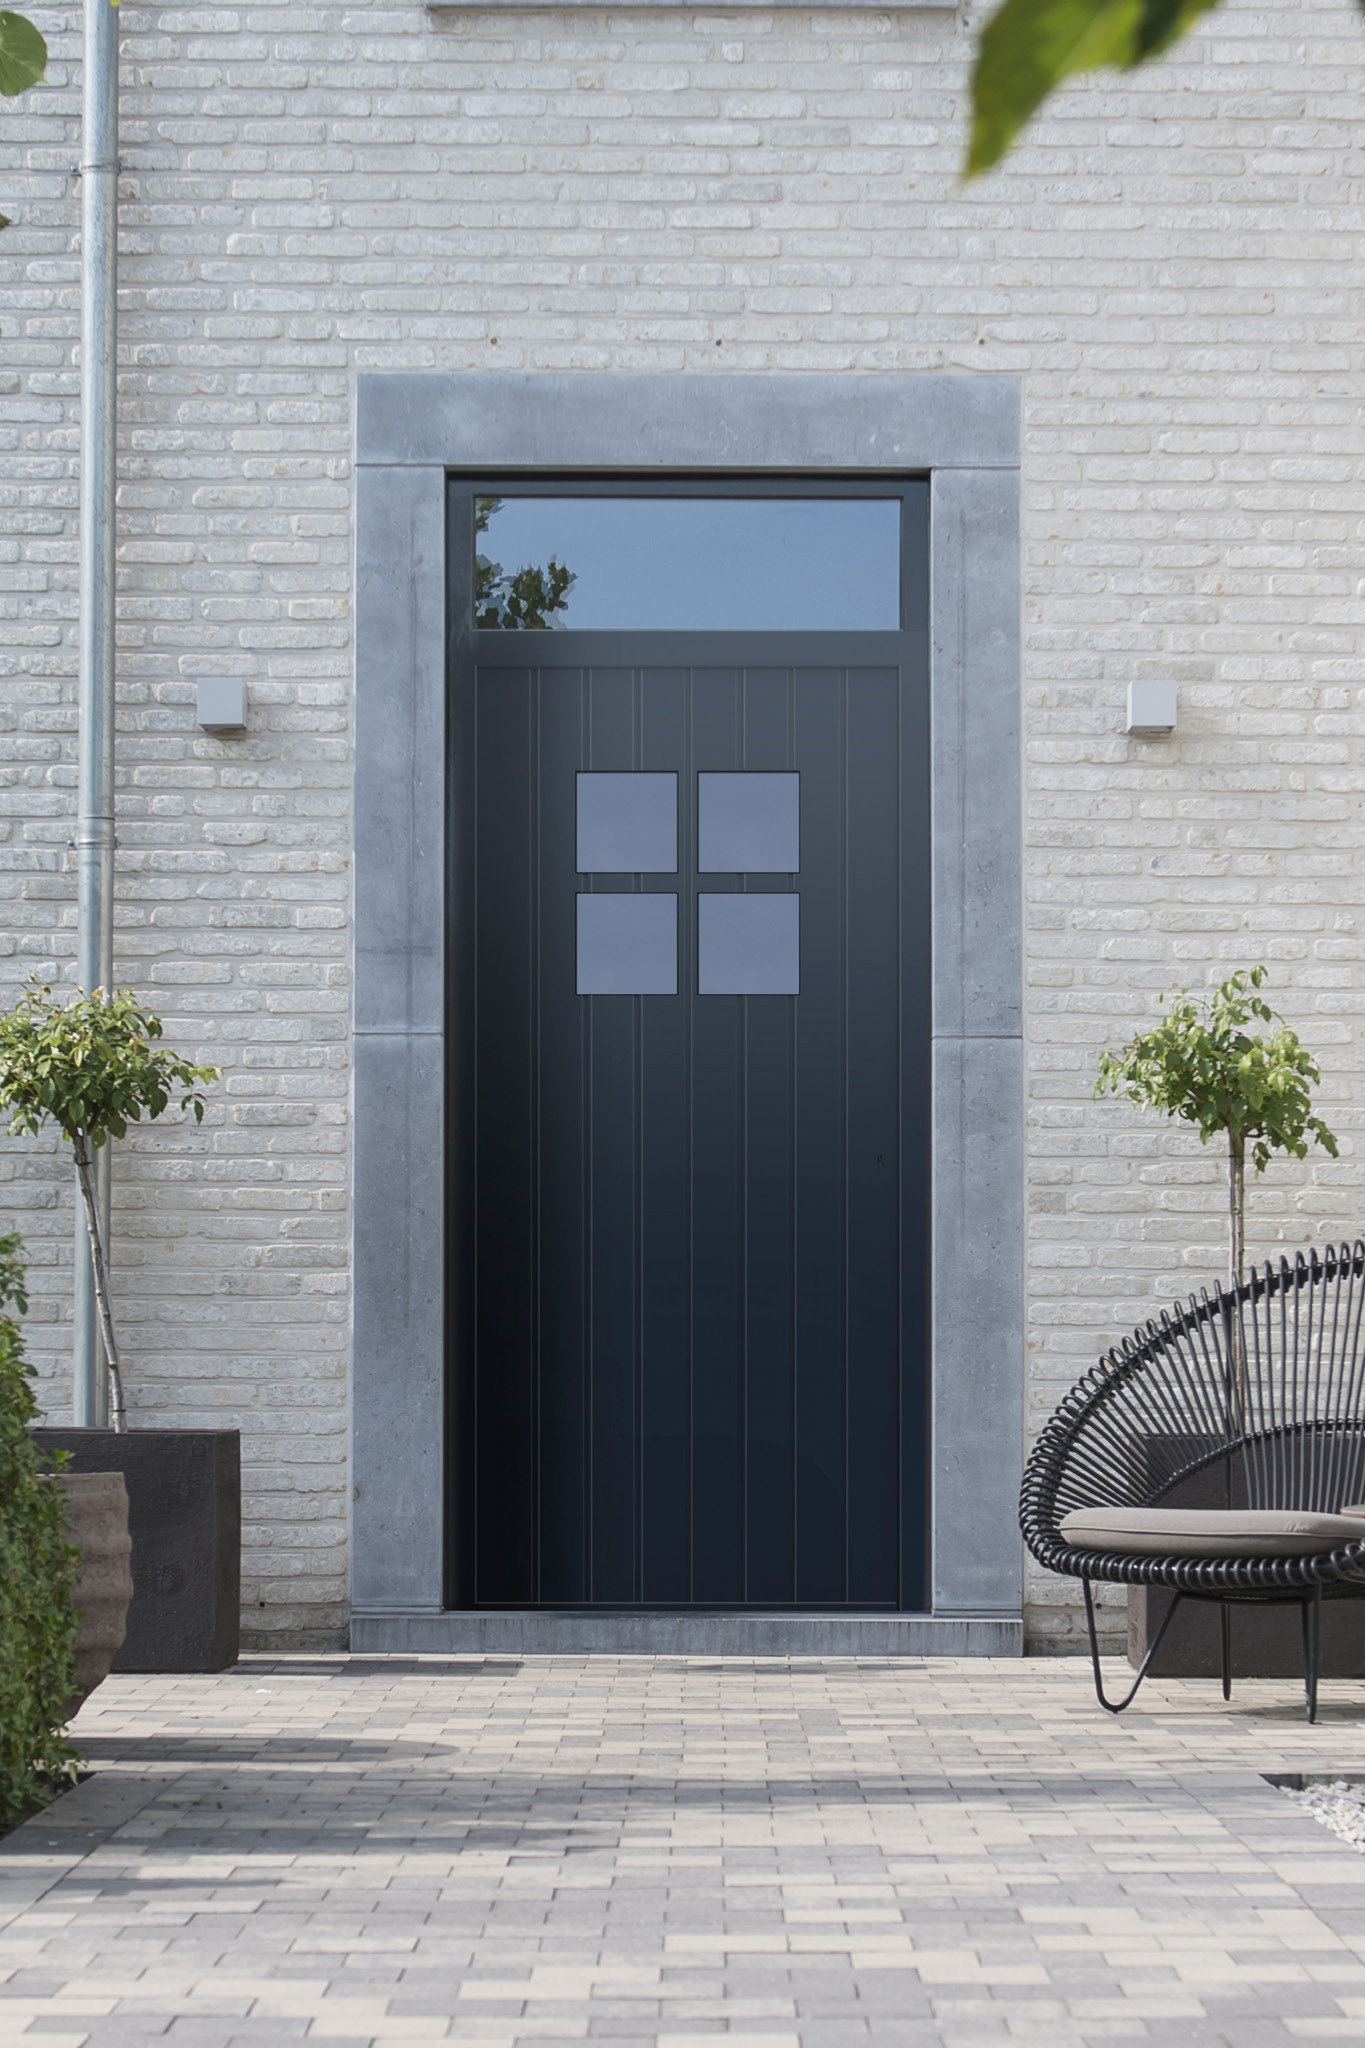 Porte d'entrée de maison : Voici la gamme Mondial